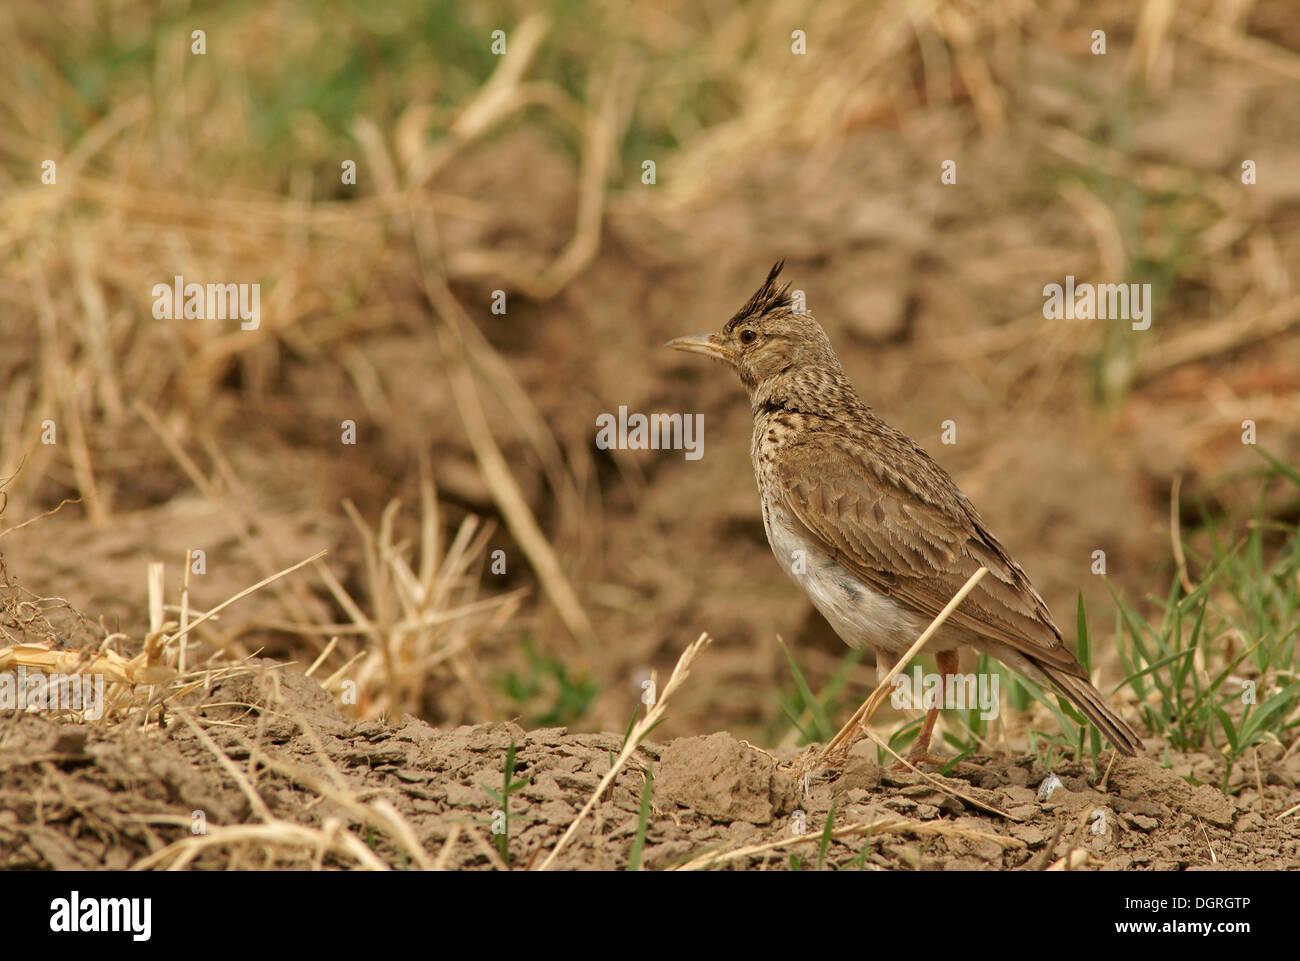 Skylark (Alauda arvensis), Bulgaria, Europe - Stock Image